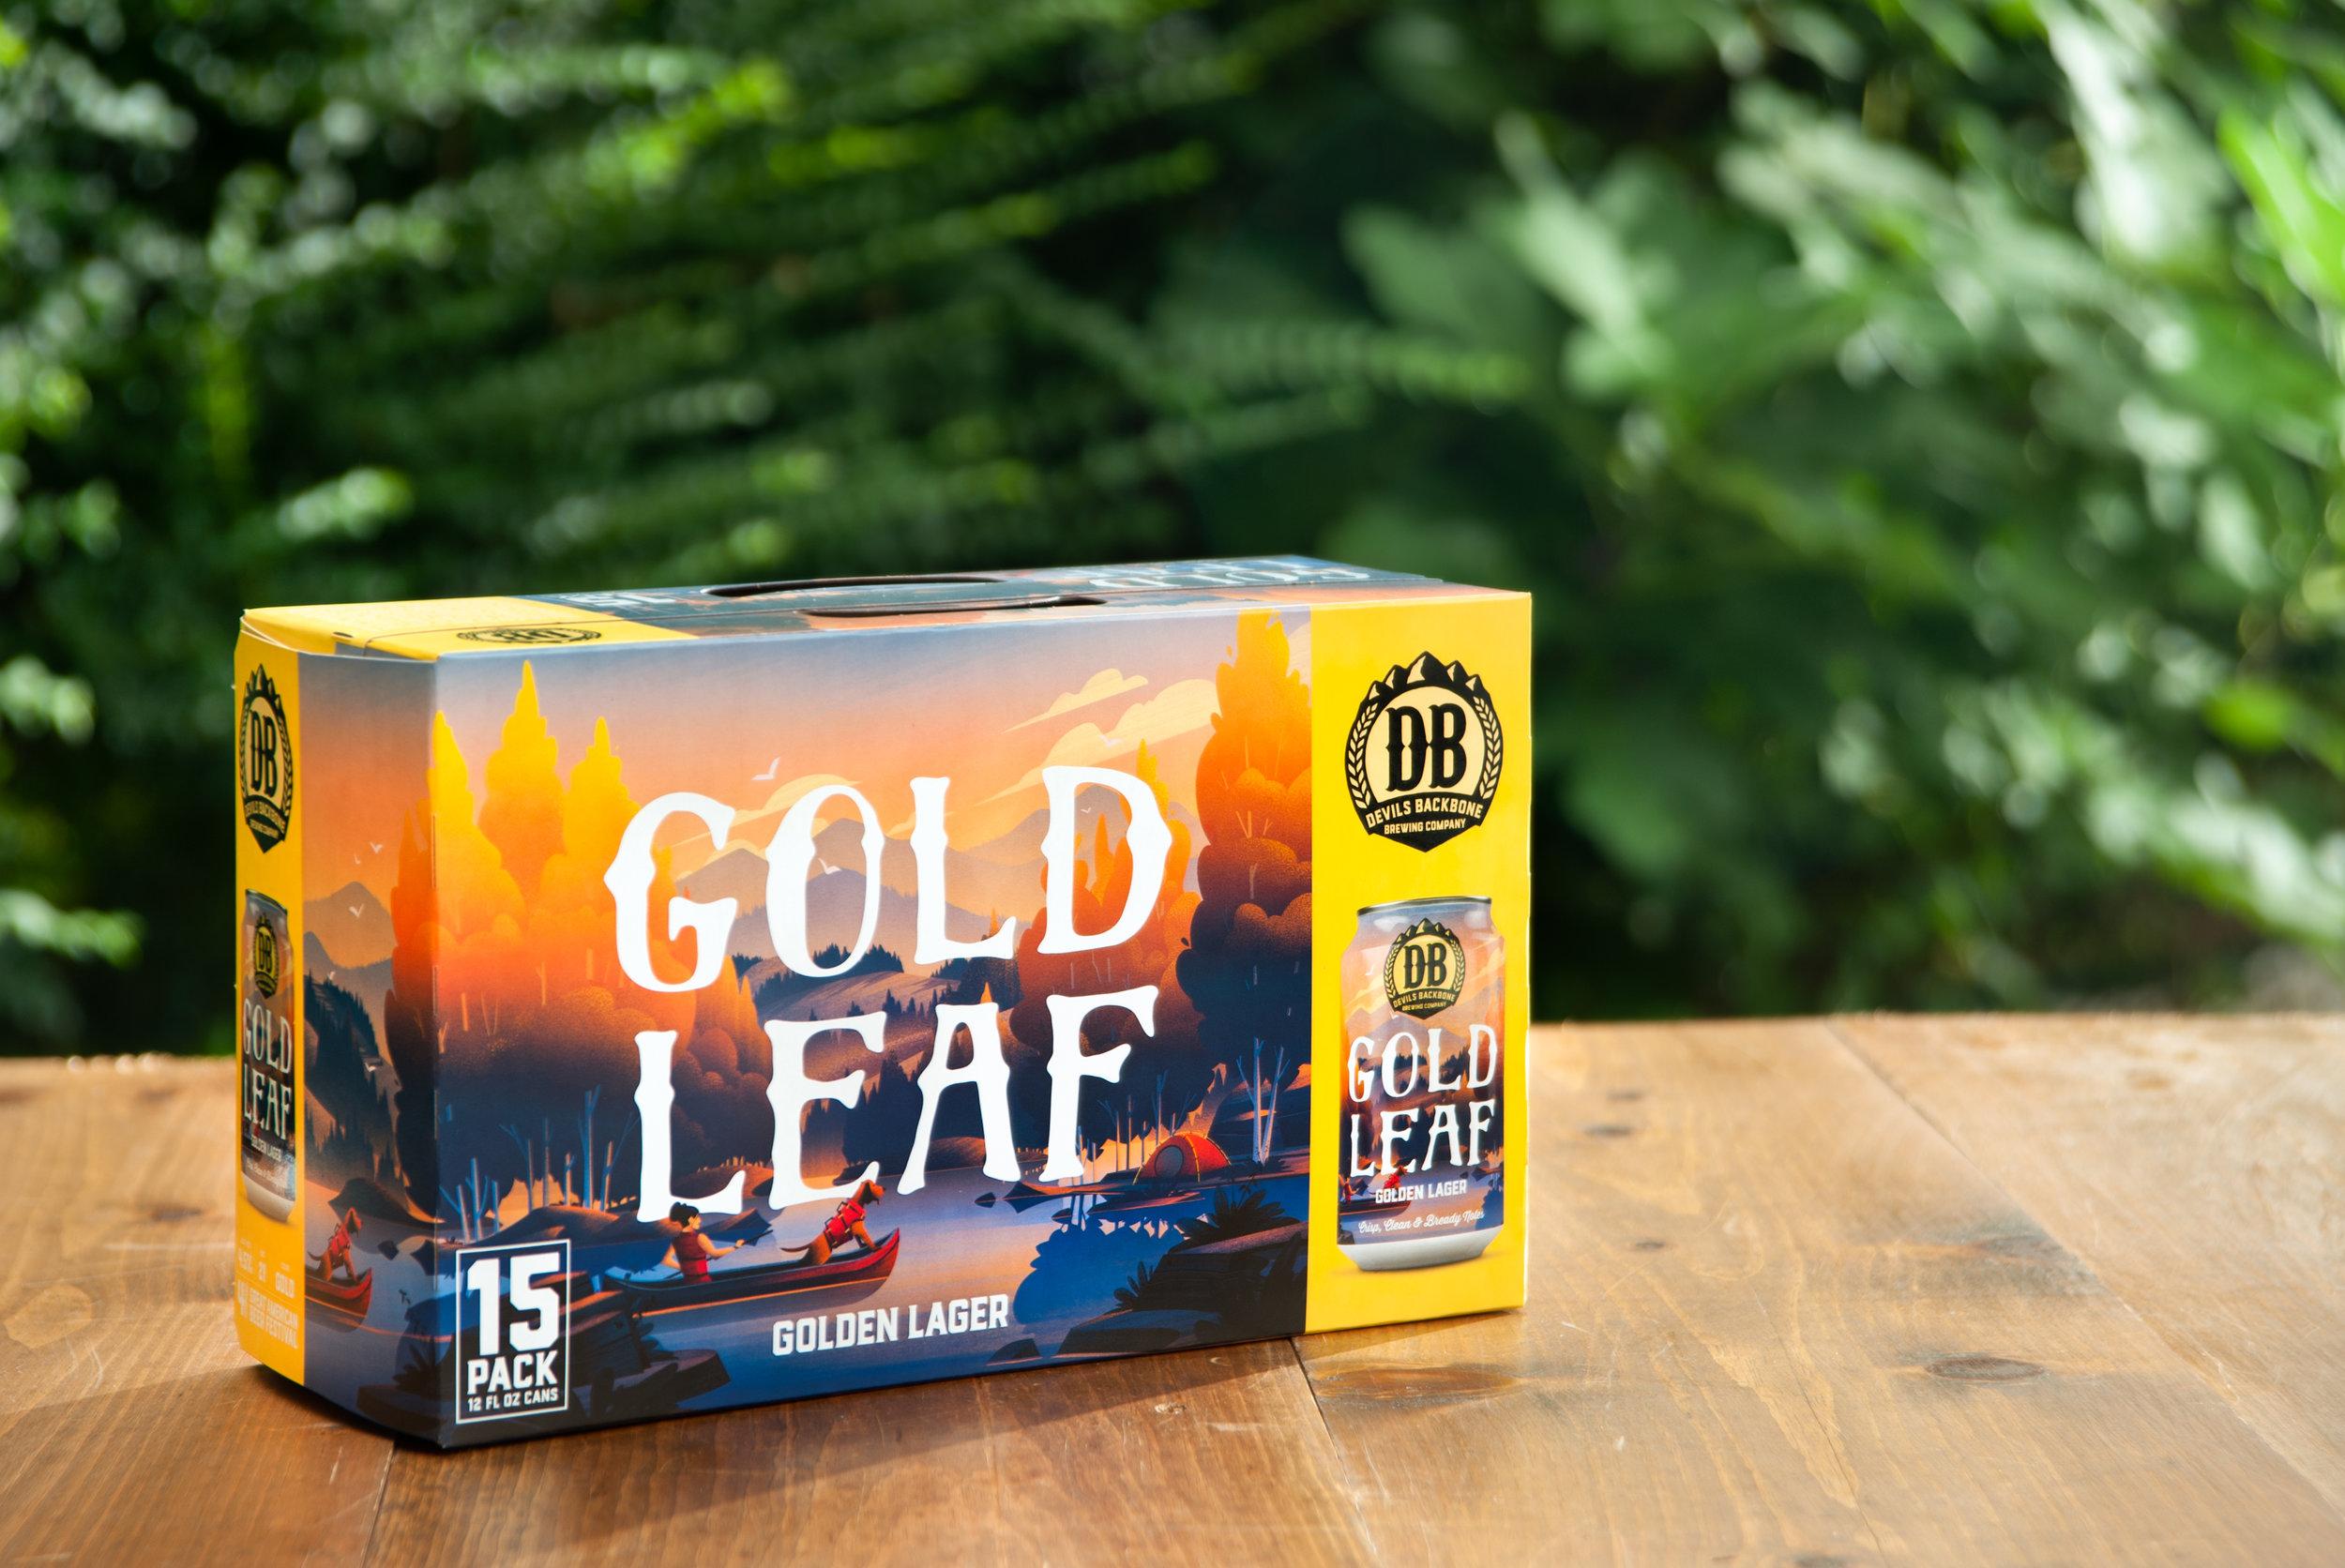 GoldLeaf_15pack.jpg